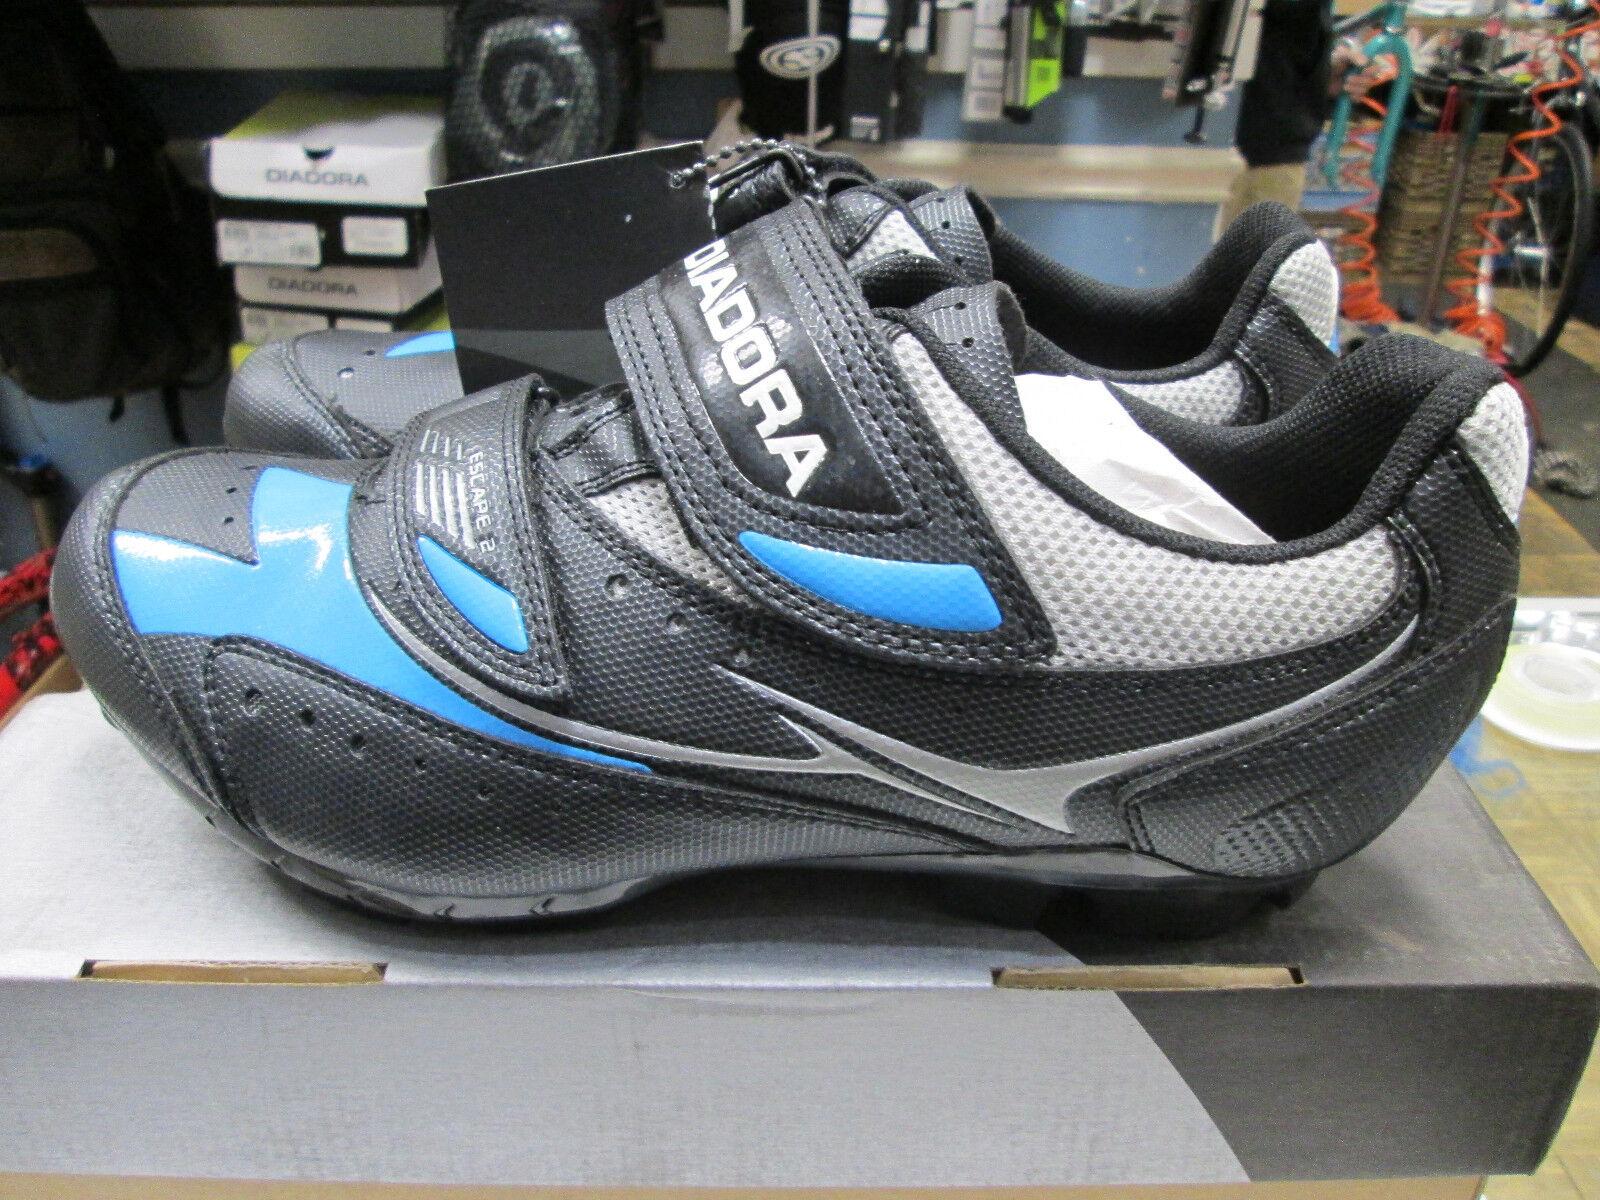 Diadora Escape 2 37 US Women's Mountain MTB Spin Touring Cycling shoes